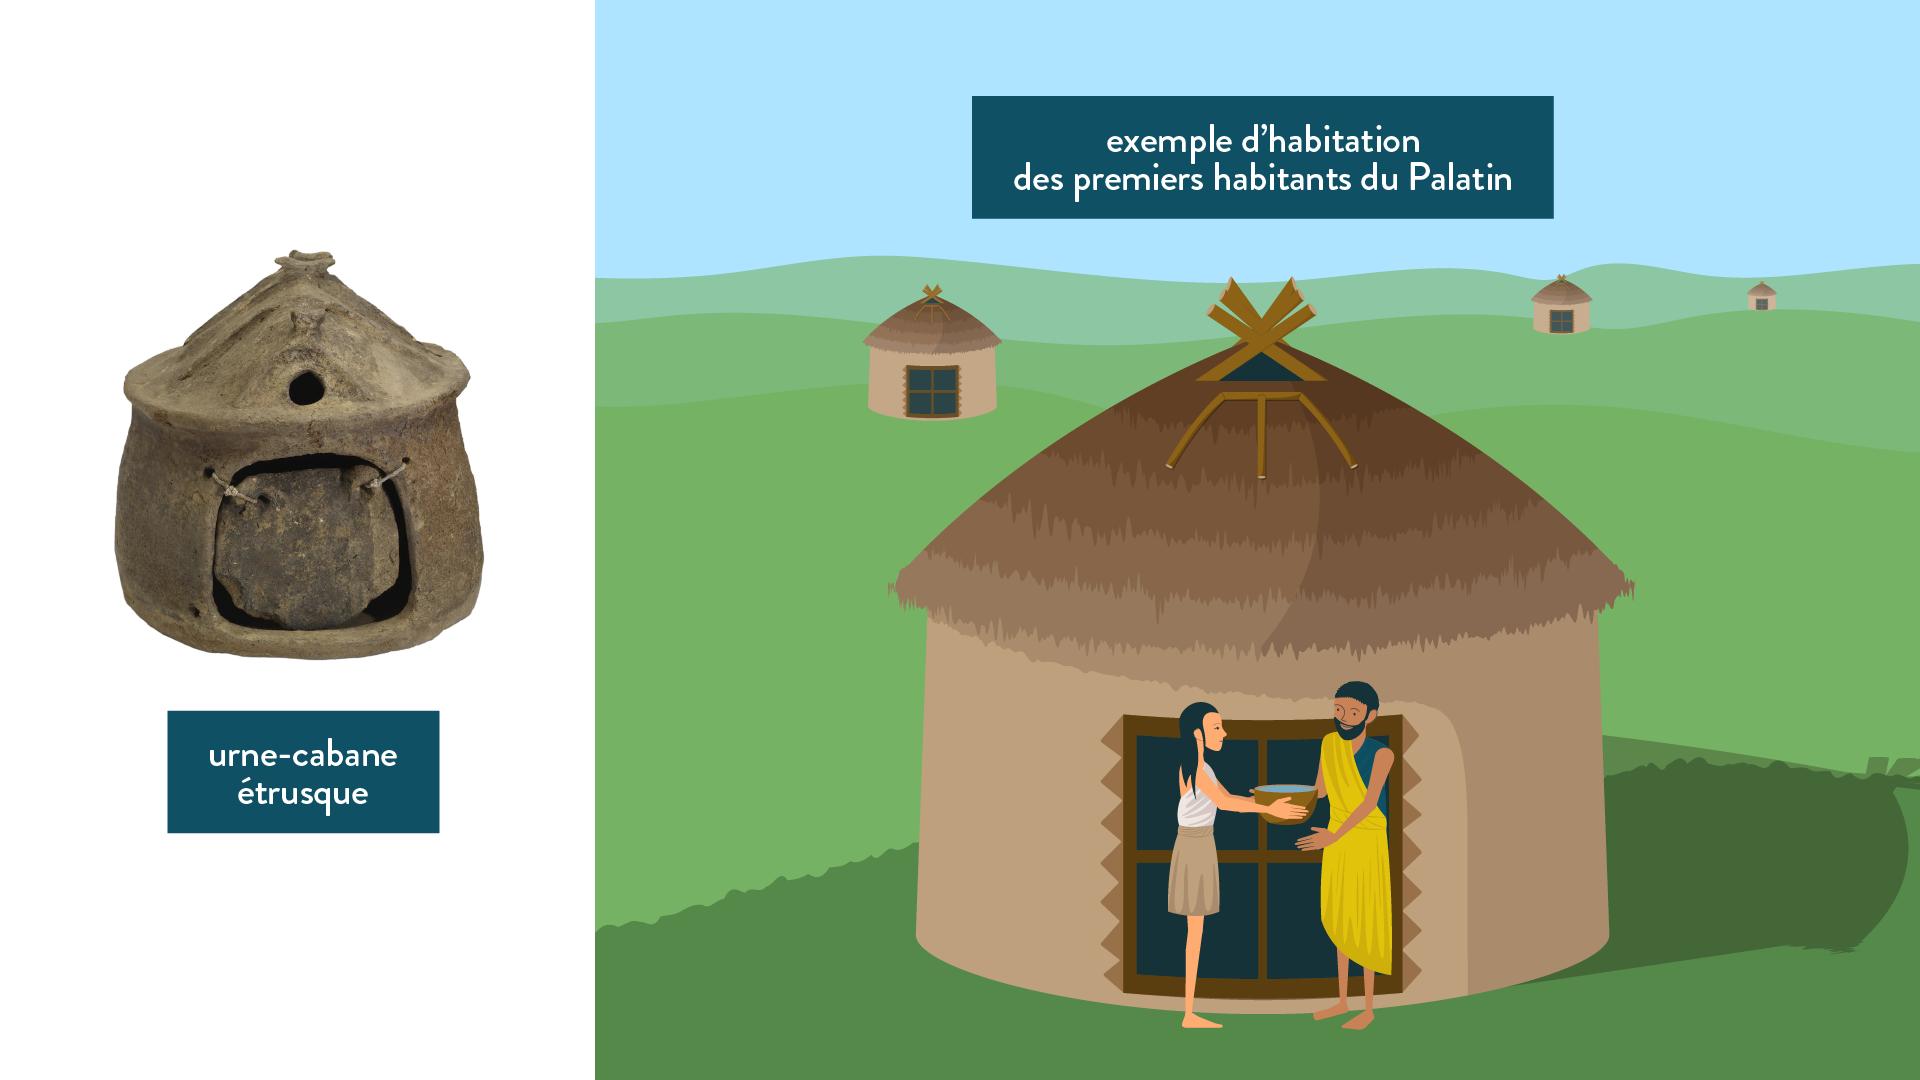 Urne-cabane étrusque et habitation des premiers habitants du Palatin-histoire-6e